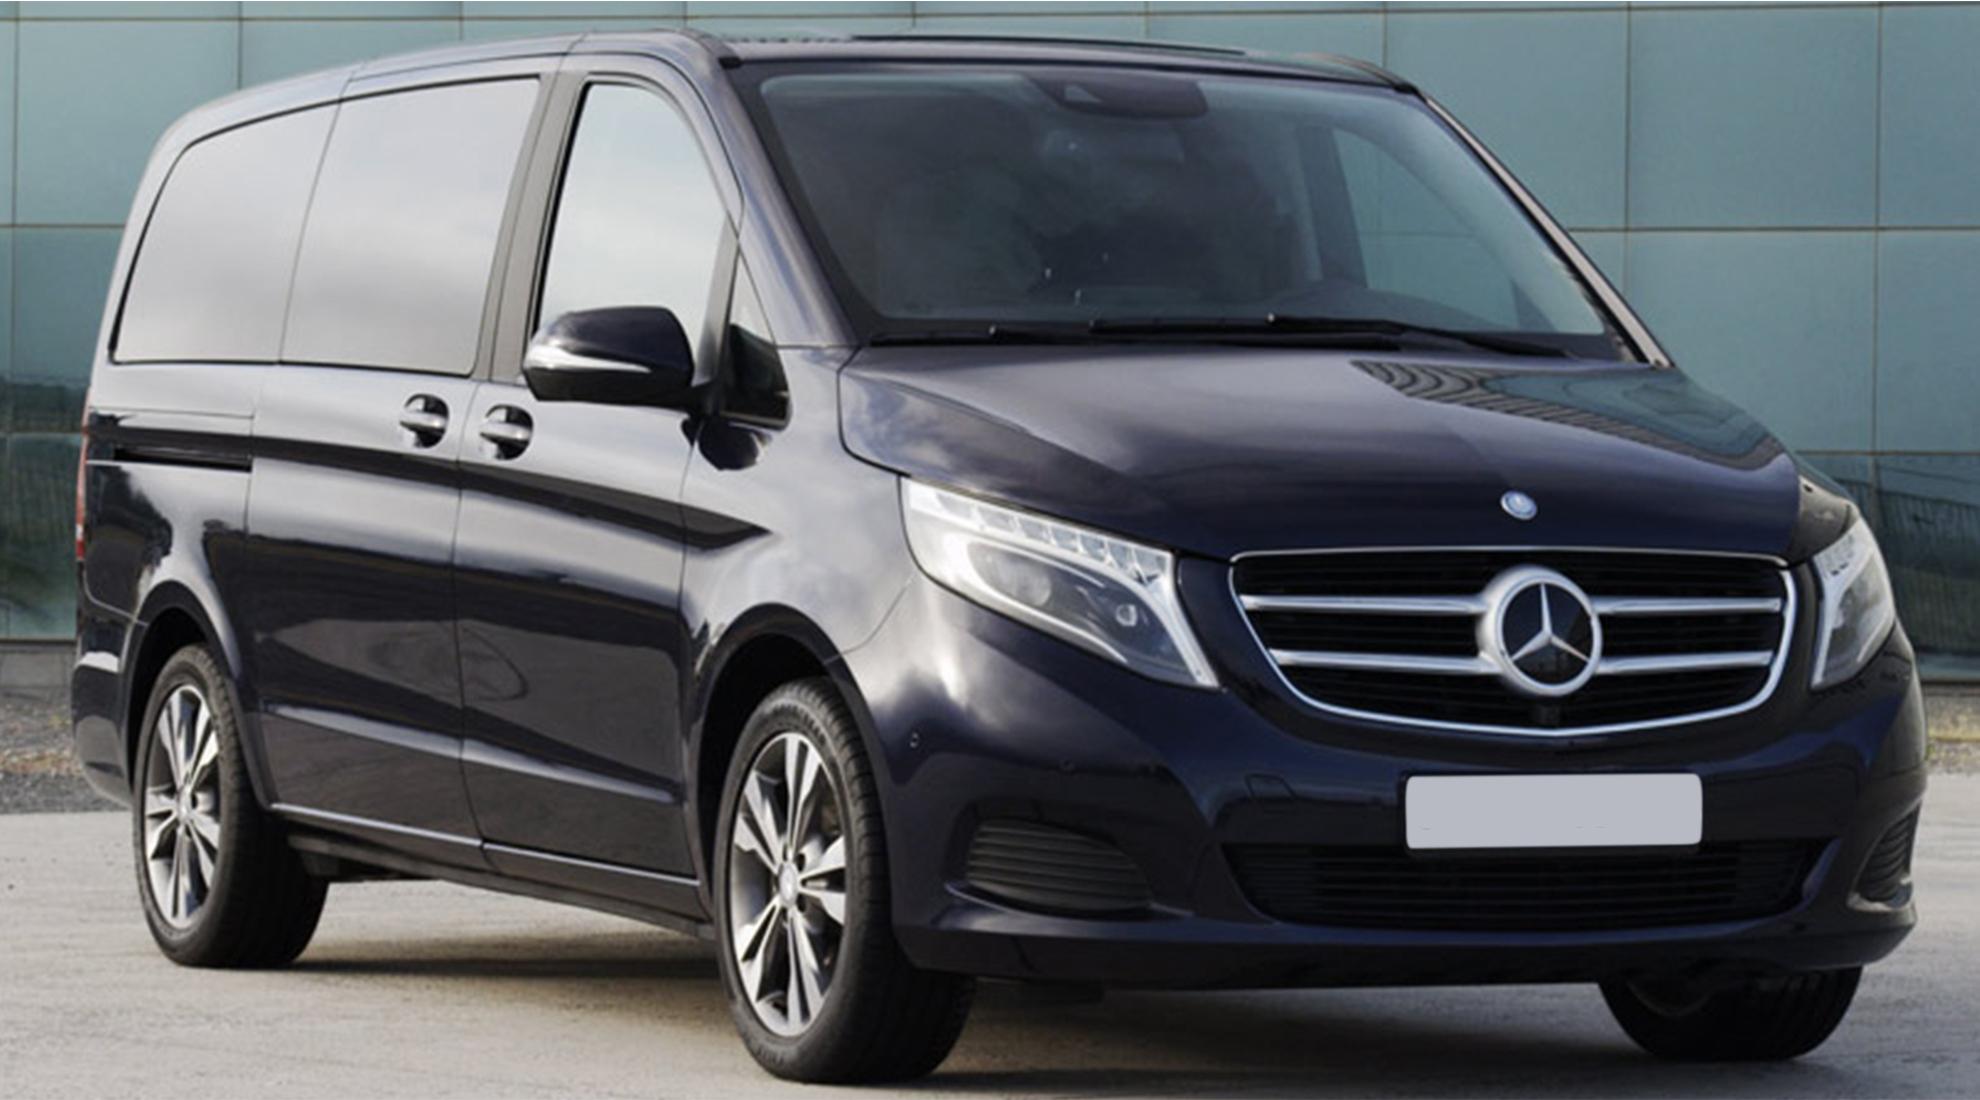 Mercedes Class V - Monospace spacieux et confortable pouvant accueillir jusqu'à 7 passagers